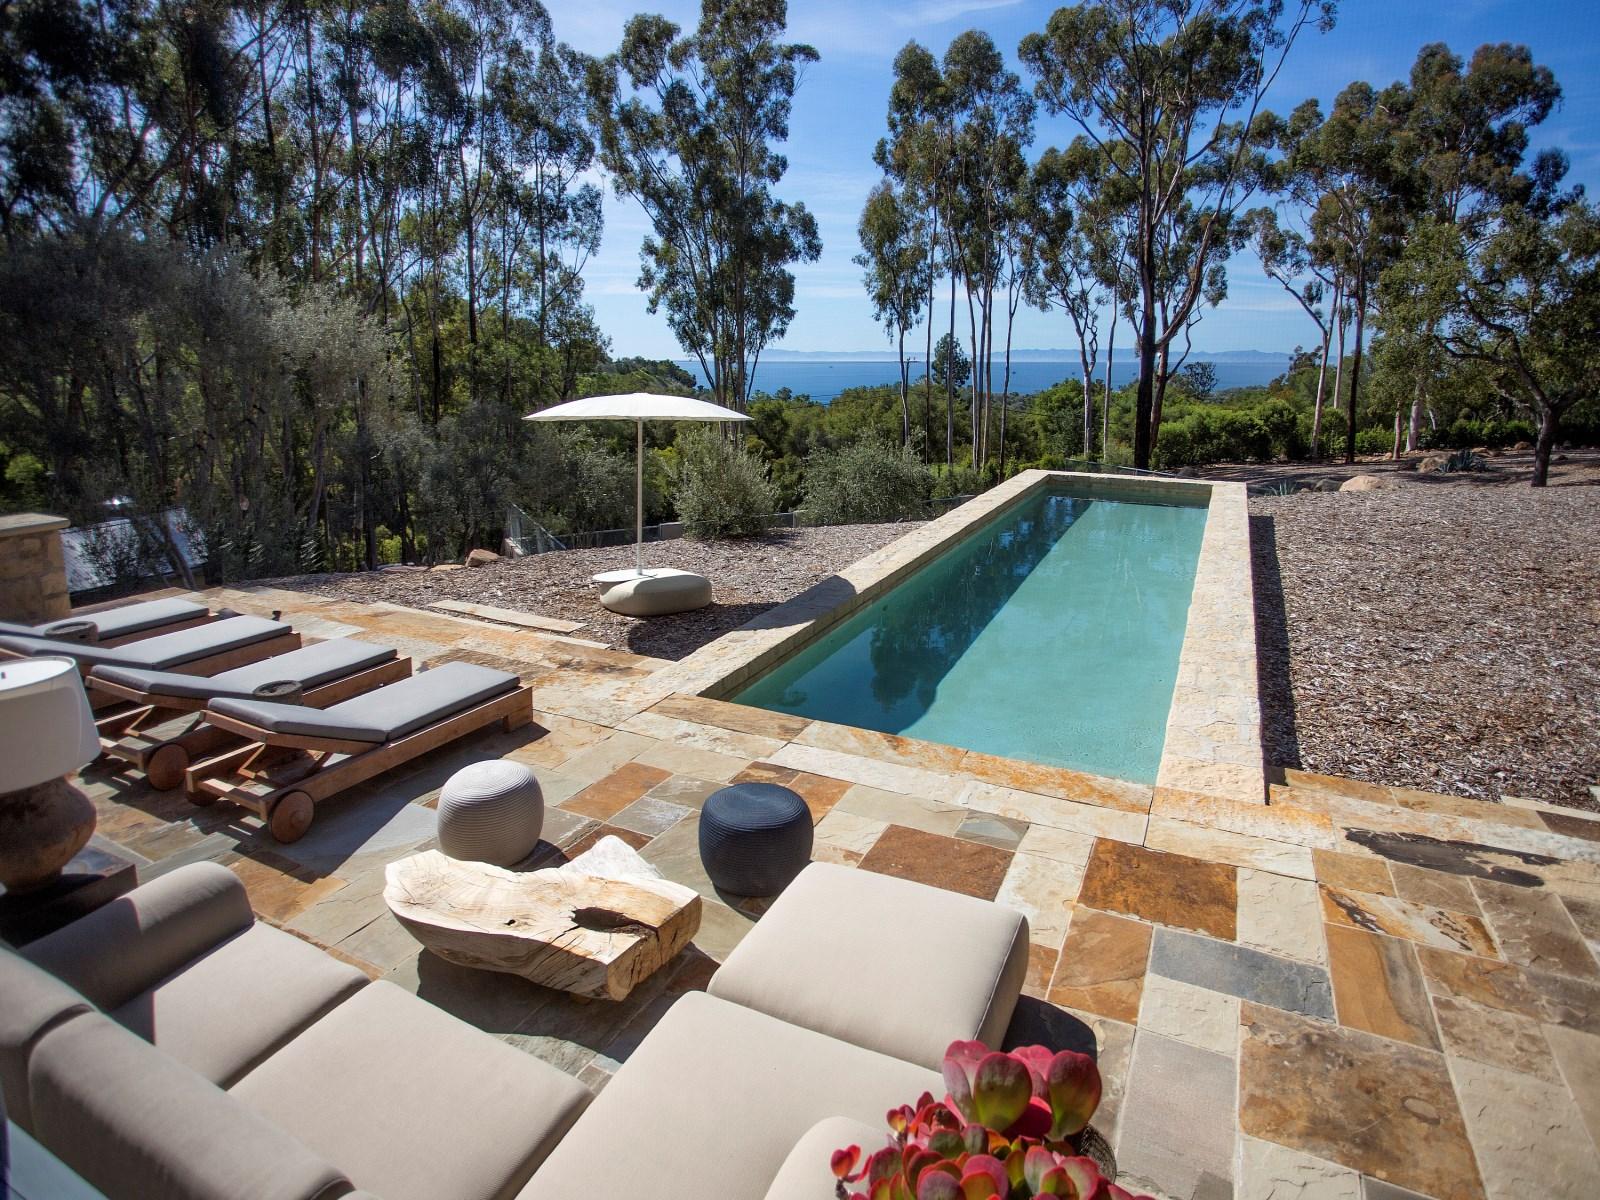 La propiedad cuenta con dos piscinas